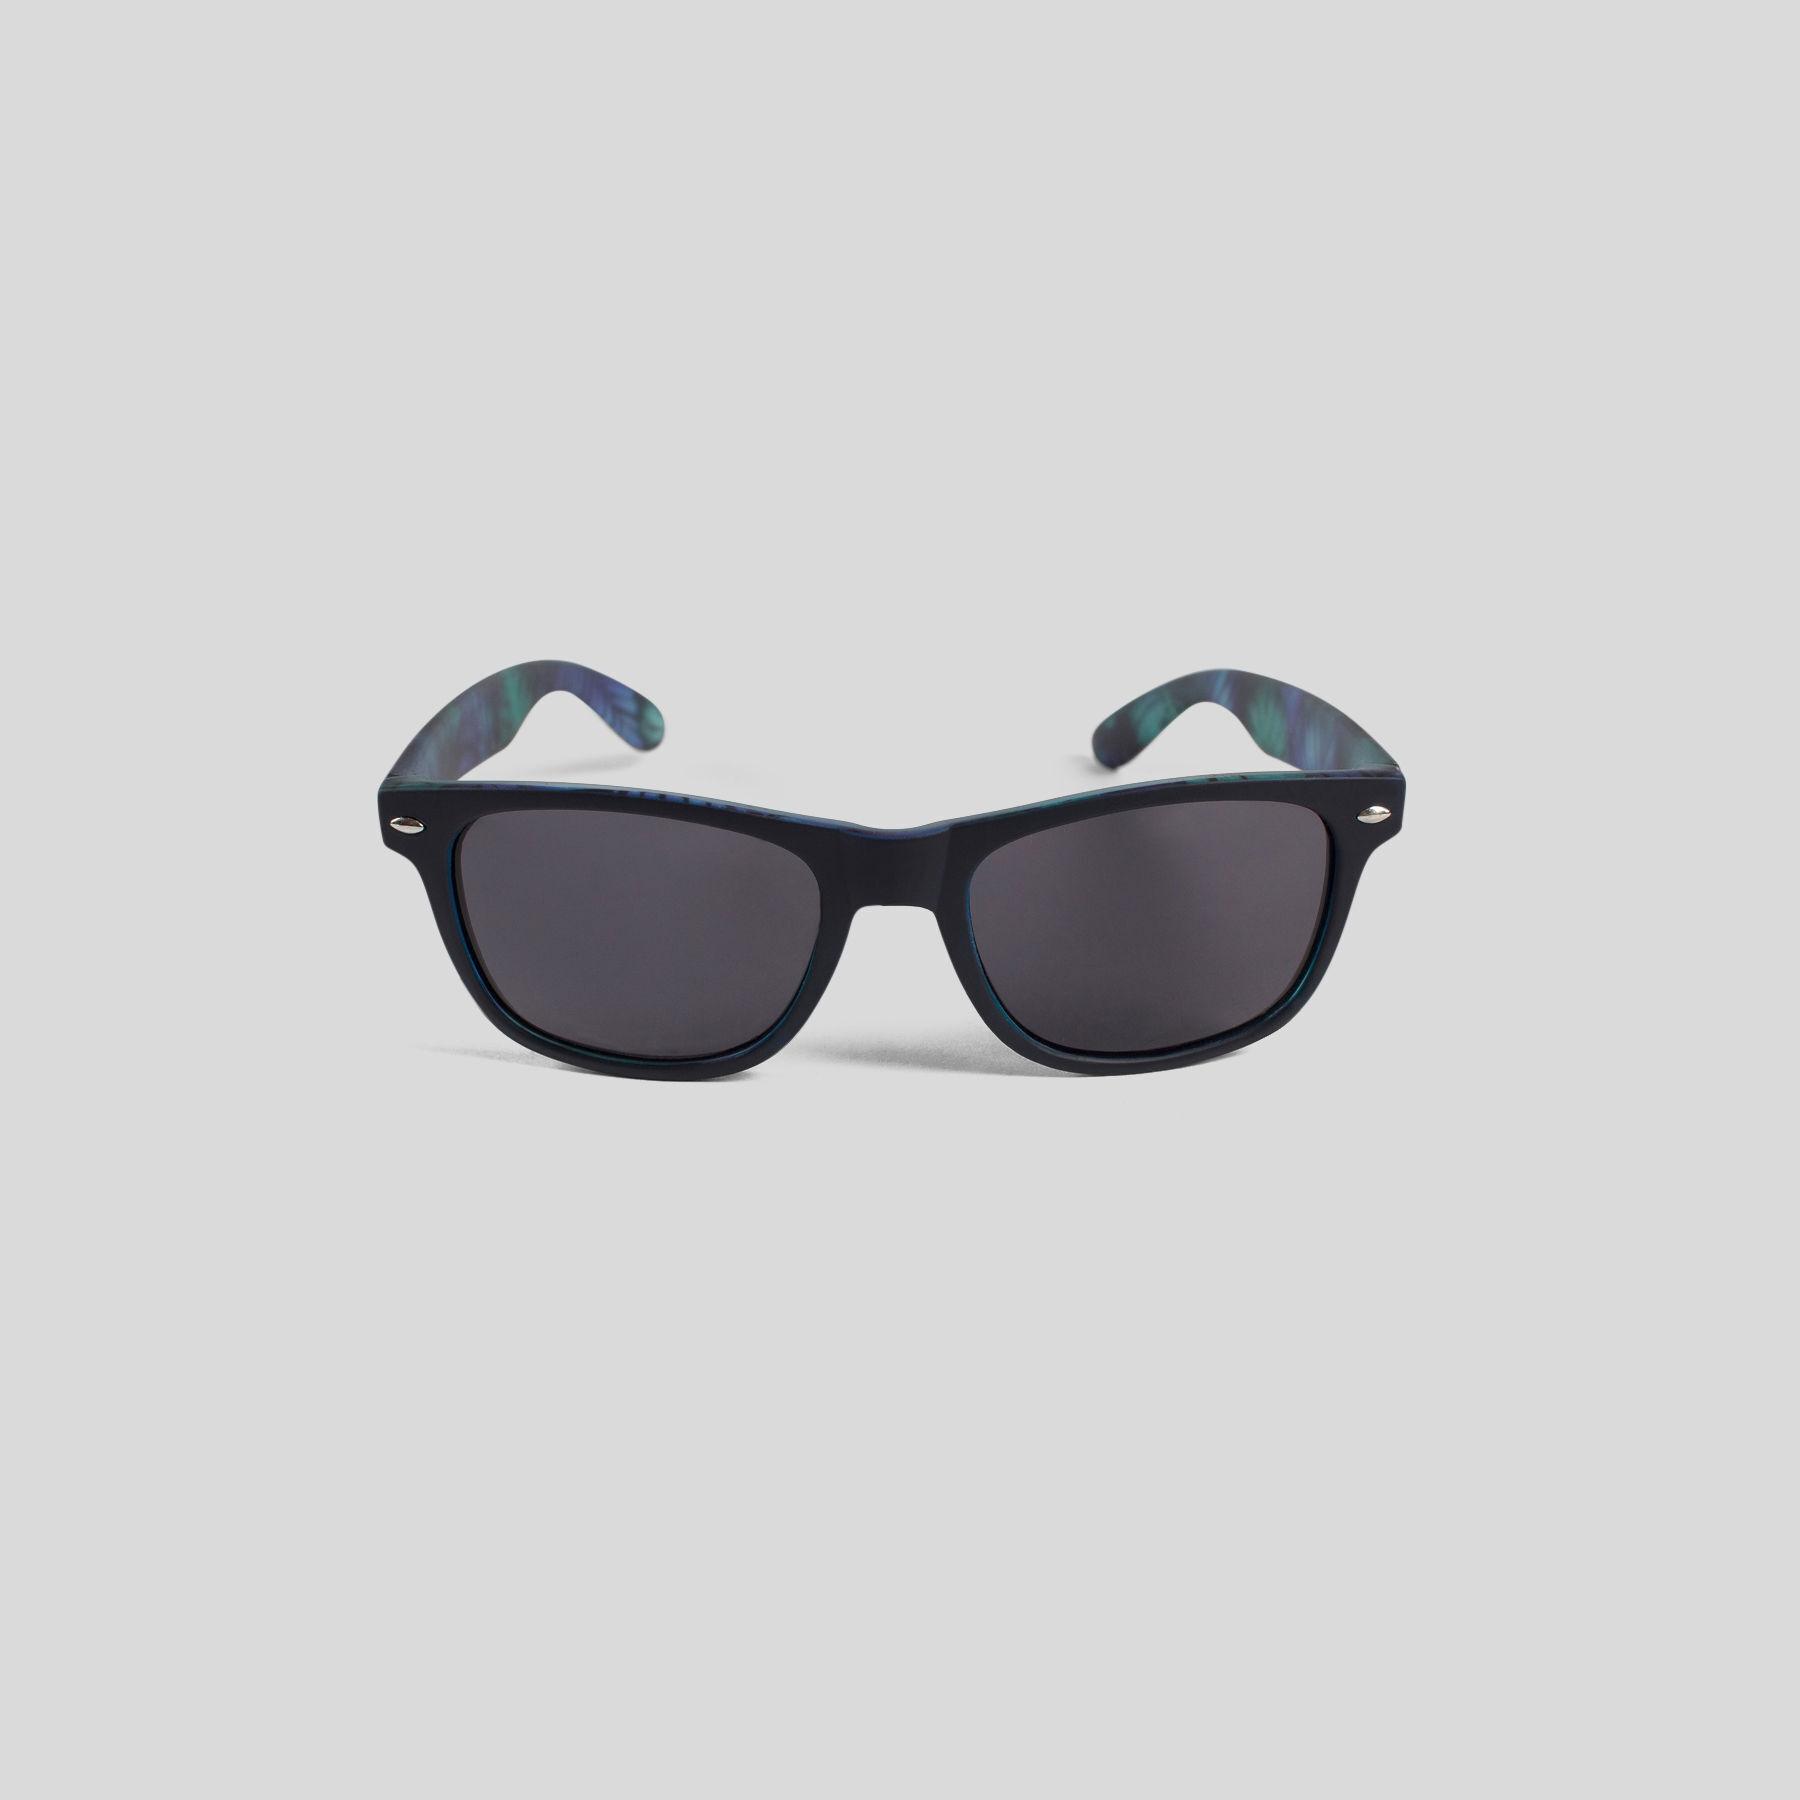 J Lindeberg Chimi 003 Sunglasses Men Black K6I3x9m